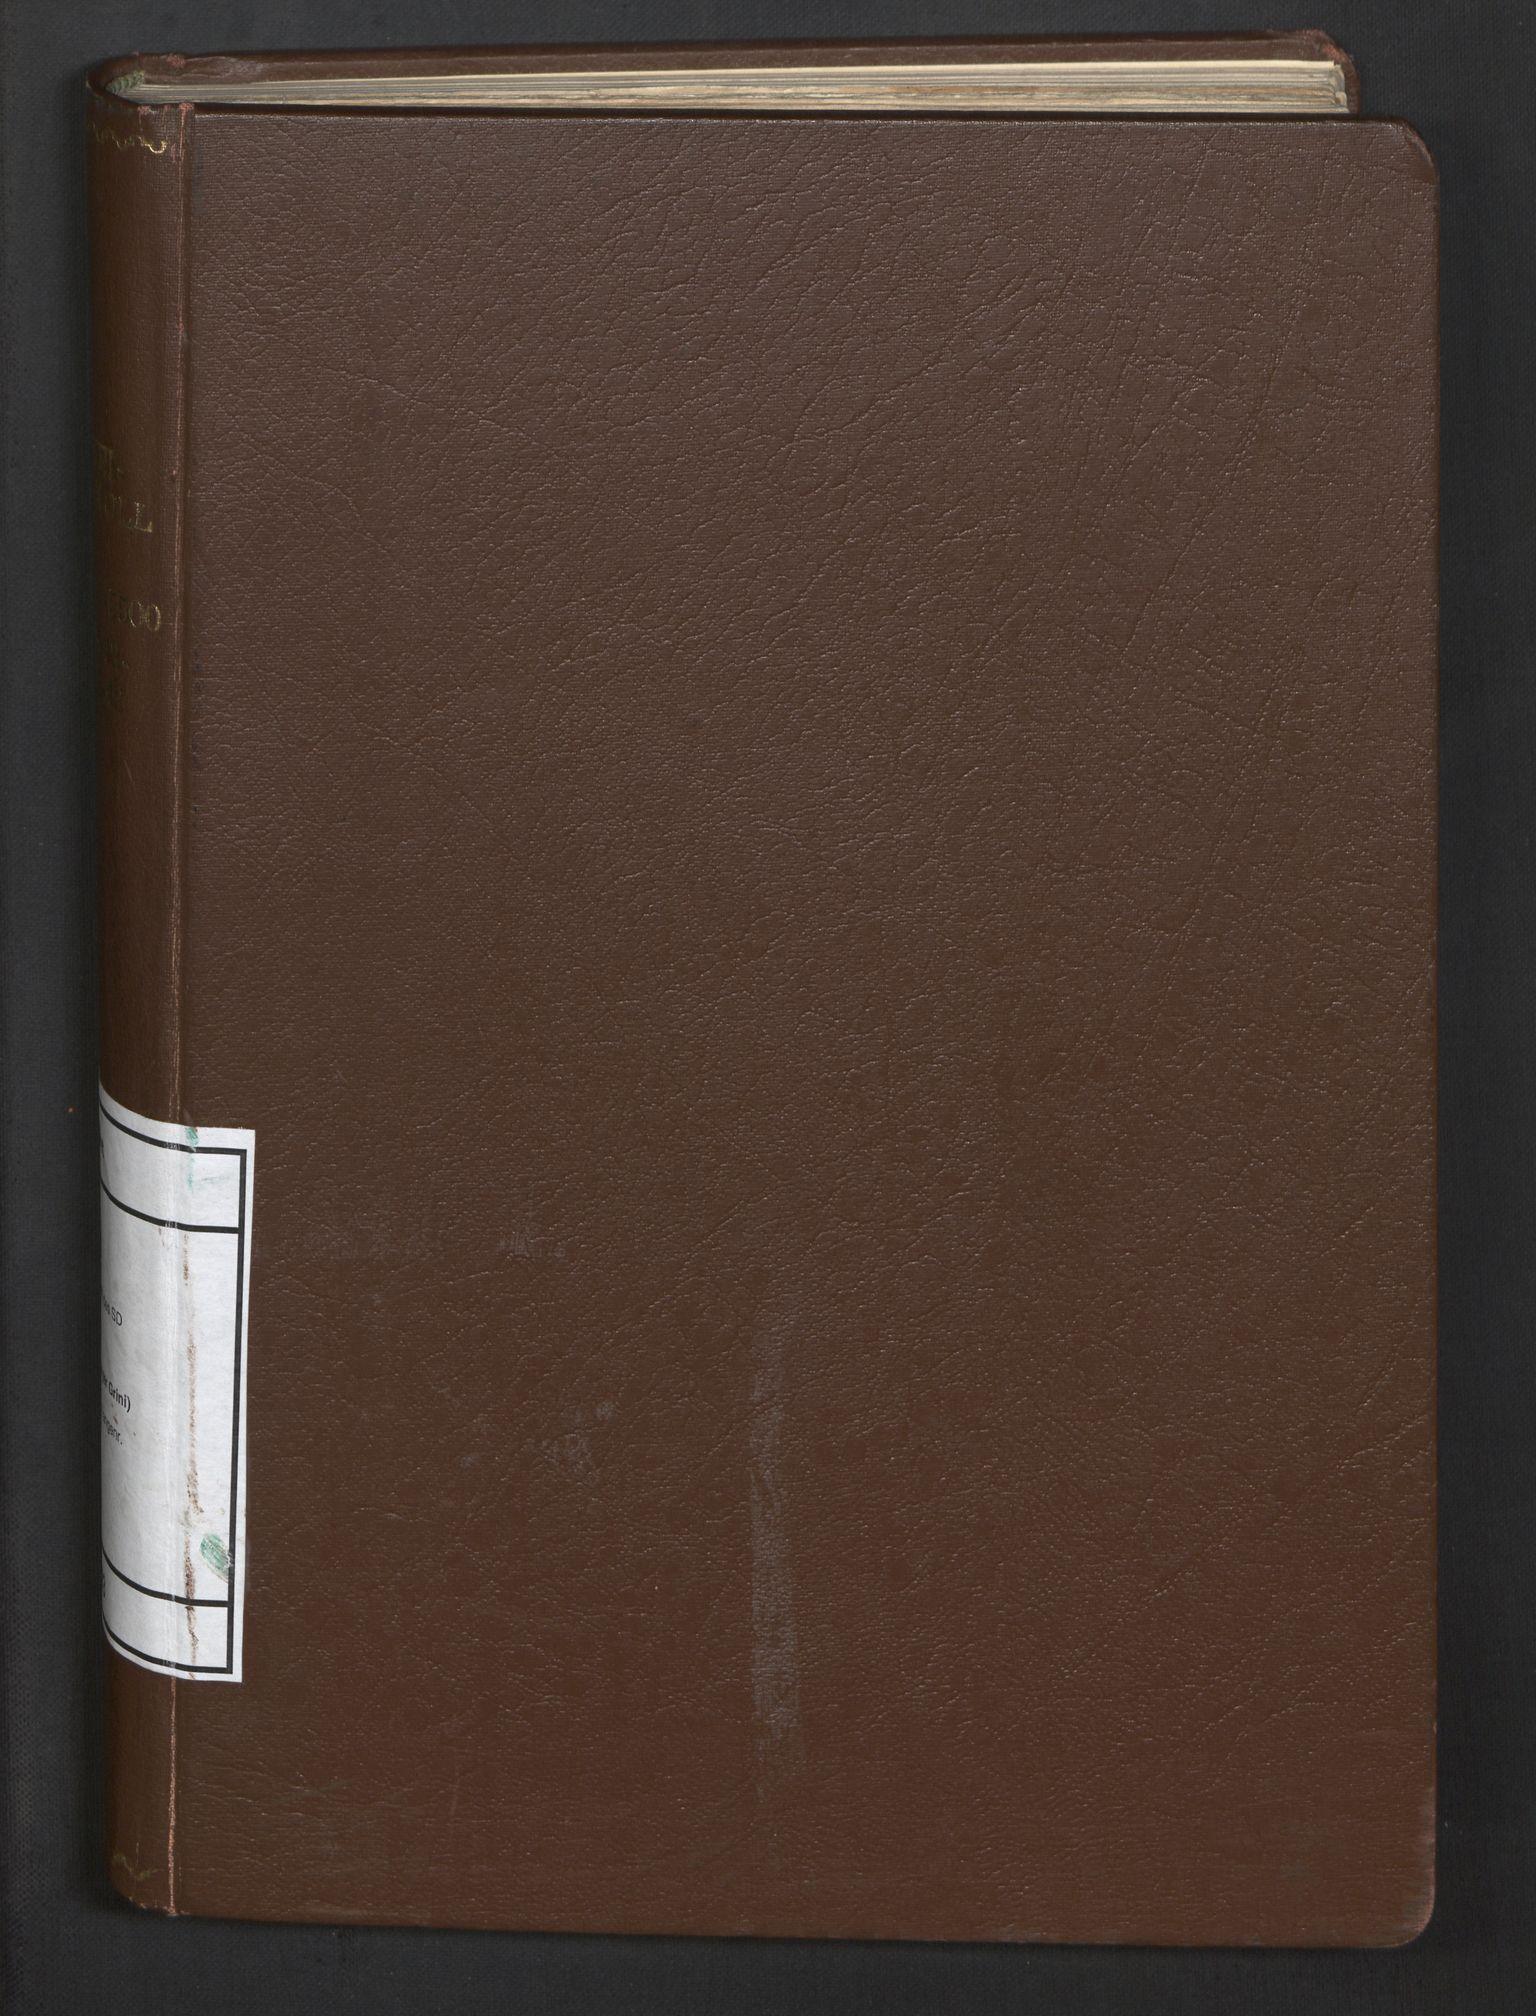 RA, Befehlshaber der Sicherheitspolizei und des SD, F/Fa/Faa/L0003: Fangeprotokoll. - Gefangenen-Buch B. Fangenr. 2601-5500, 1942